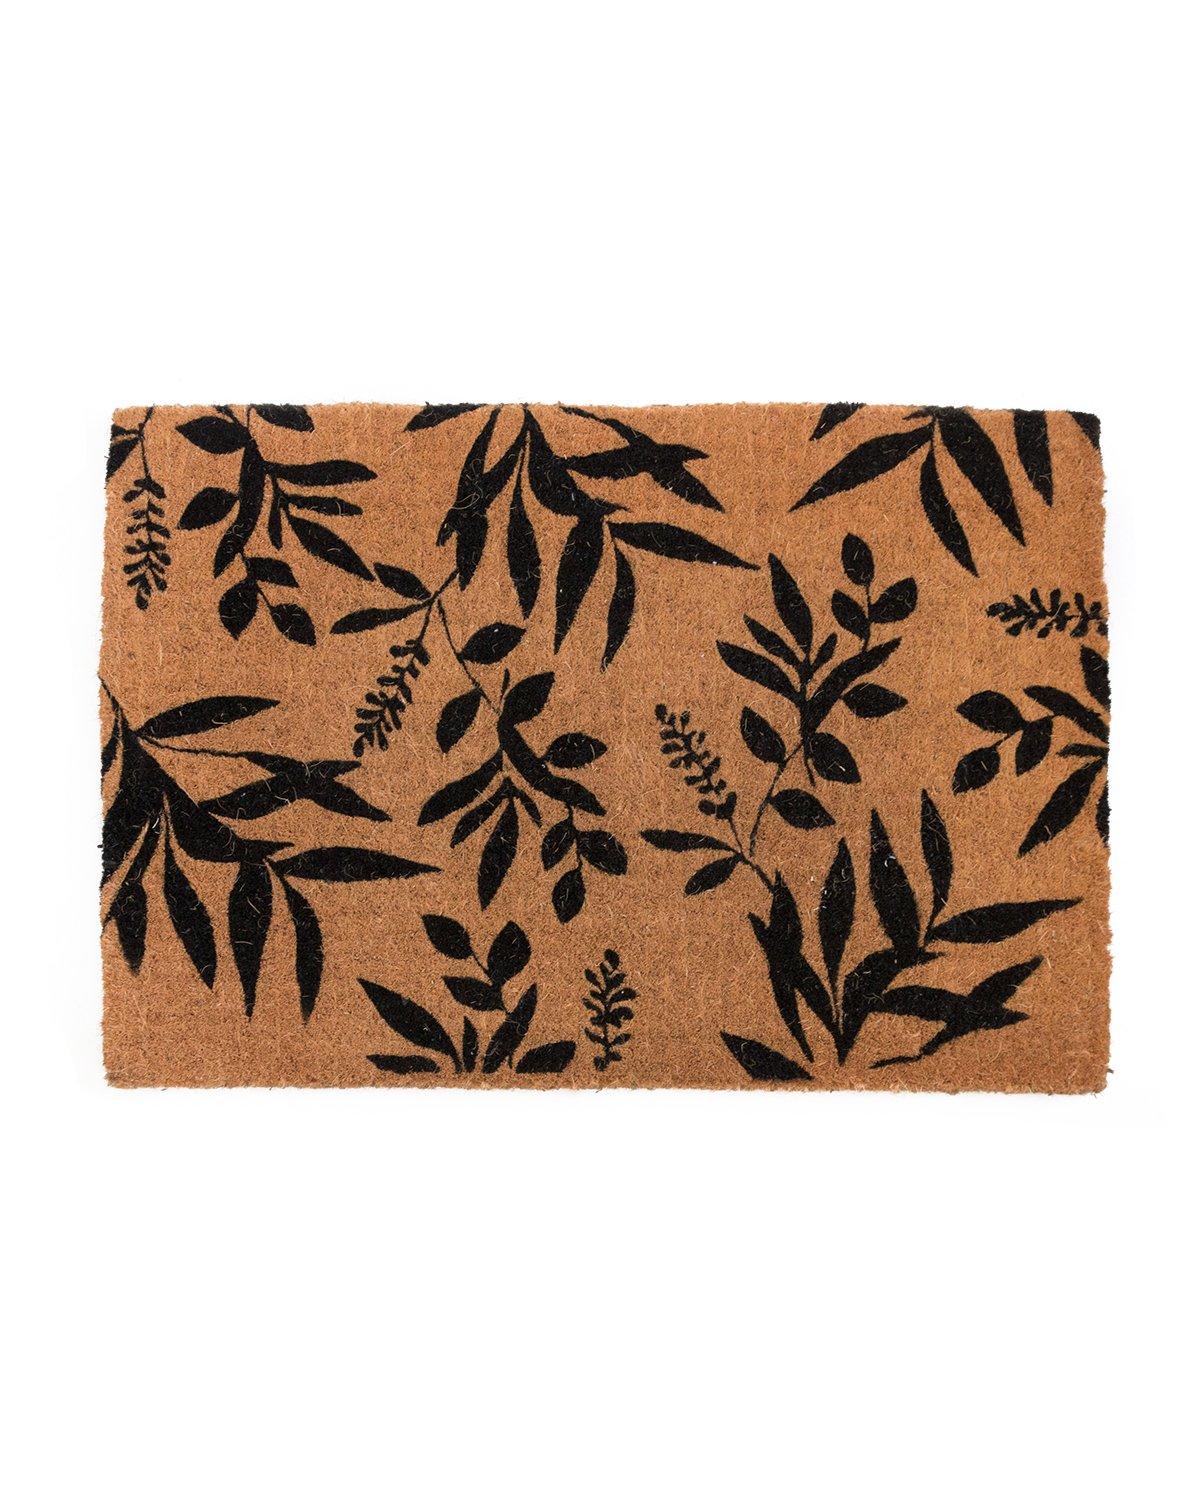 All_Over_Floral_Doormat.jpg